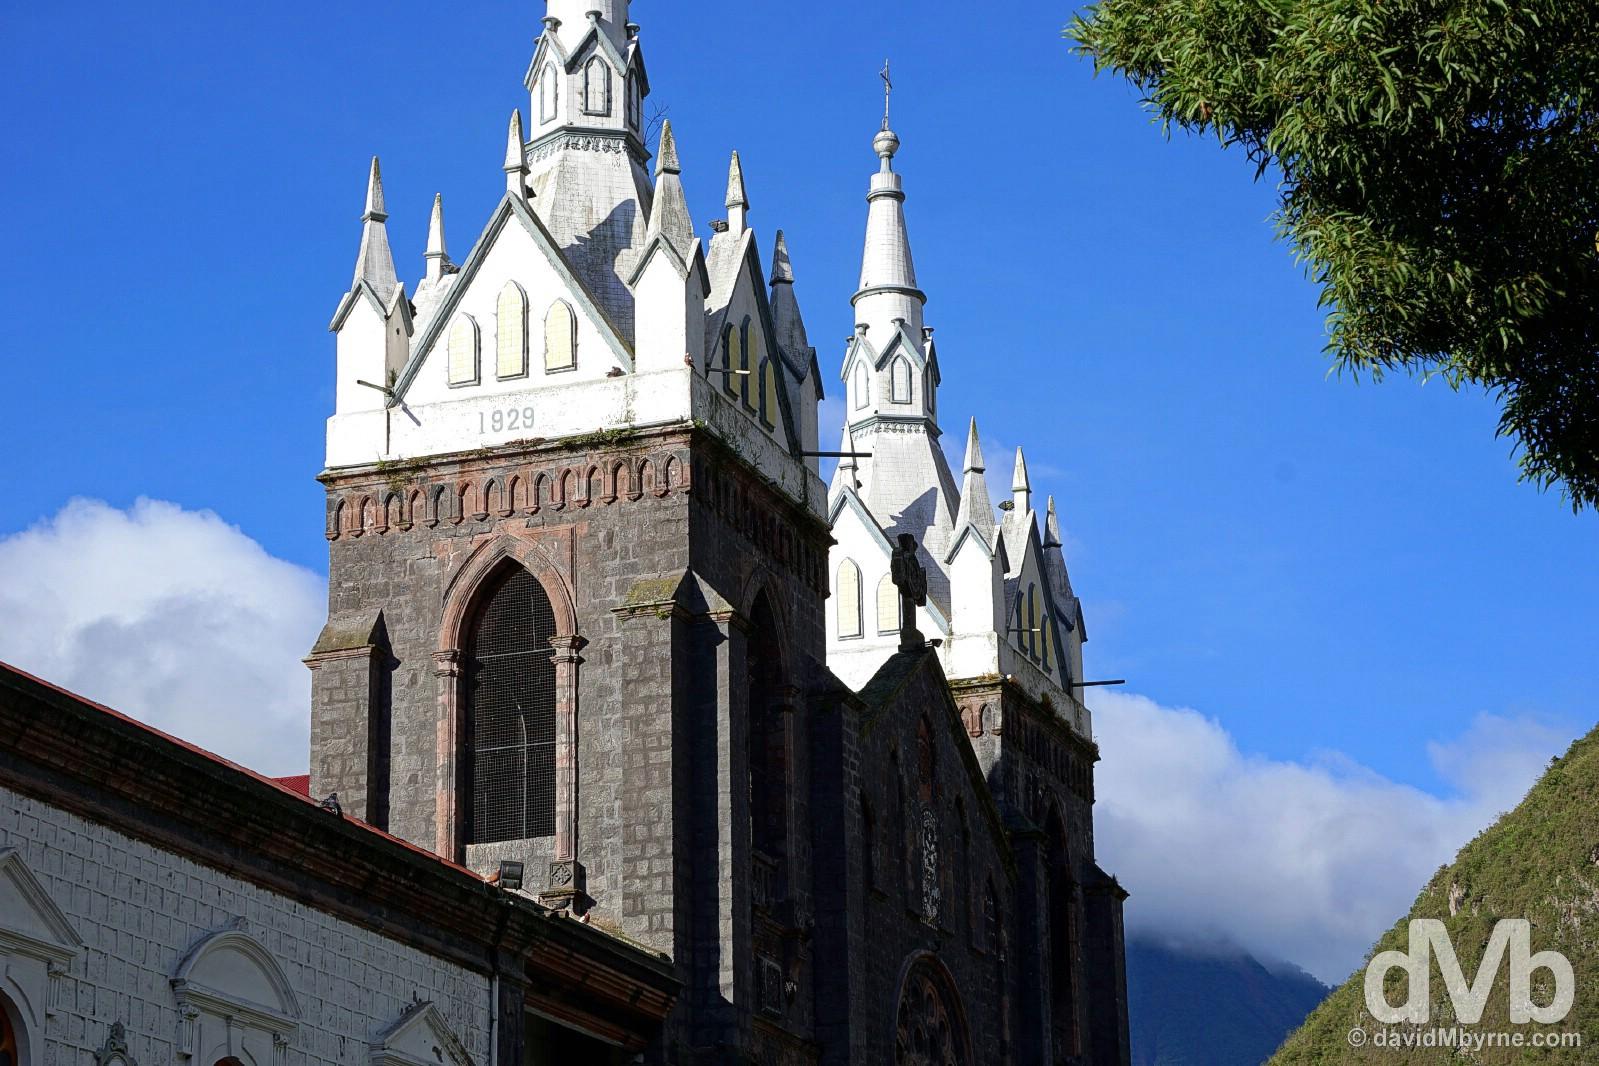 The Basilic de Nuestra Senora del Rosario de Agua Santa in Parque de la Basilica, Banos, Ecuador. July 9, 2015.